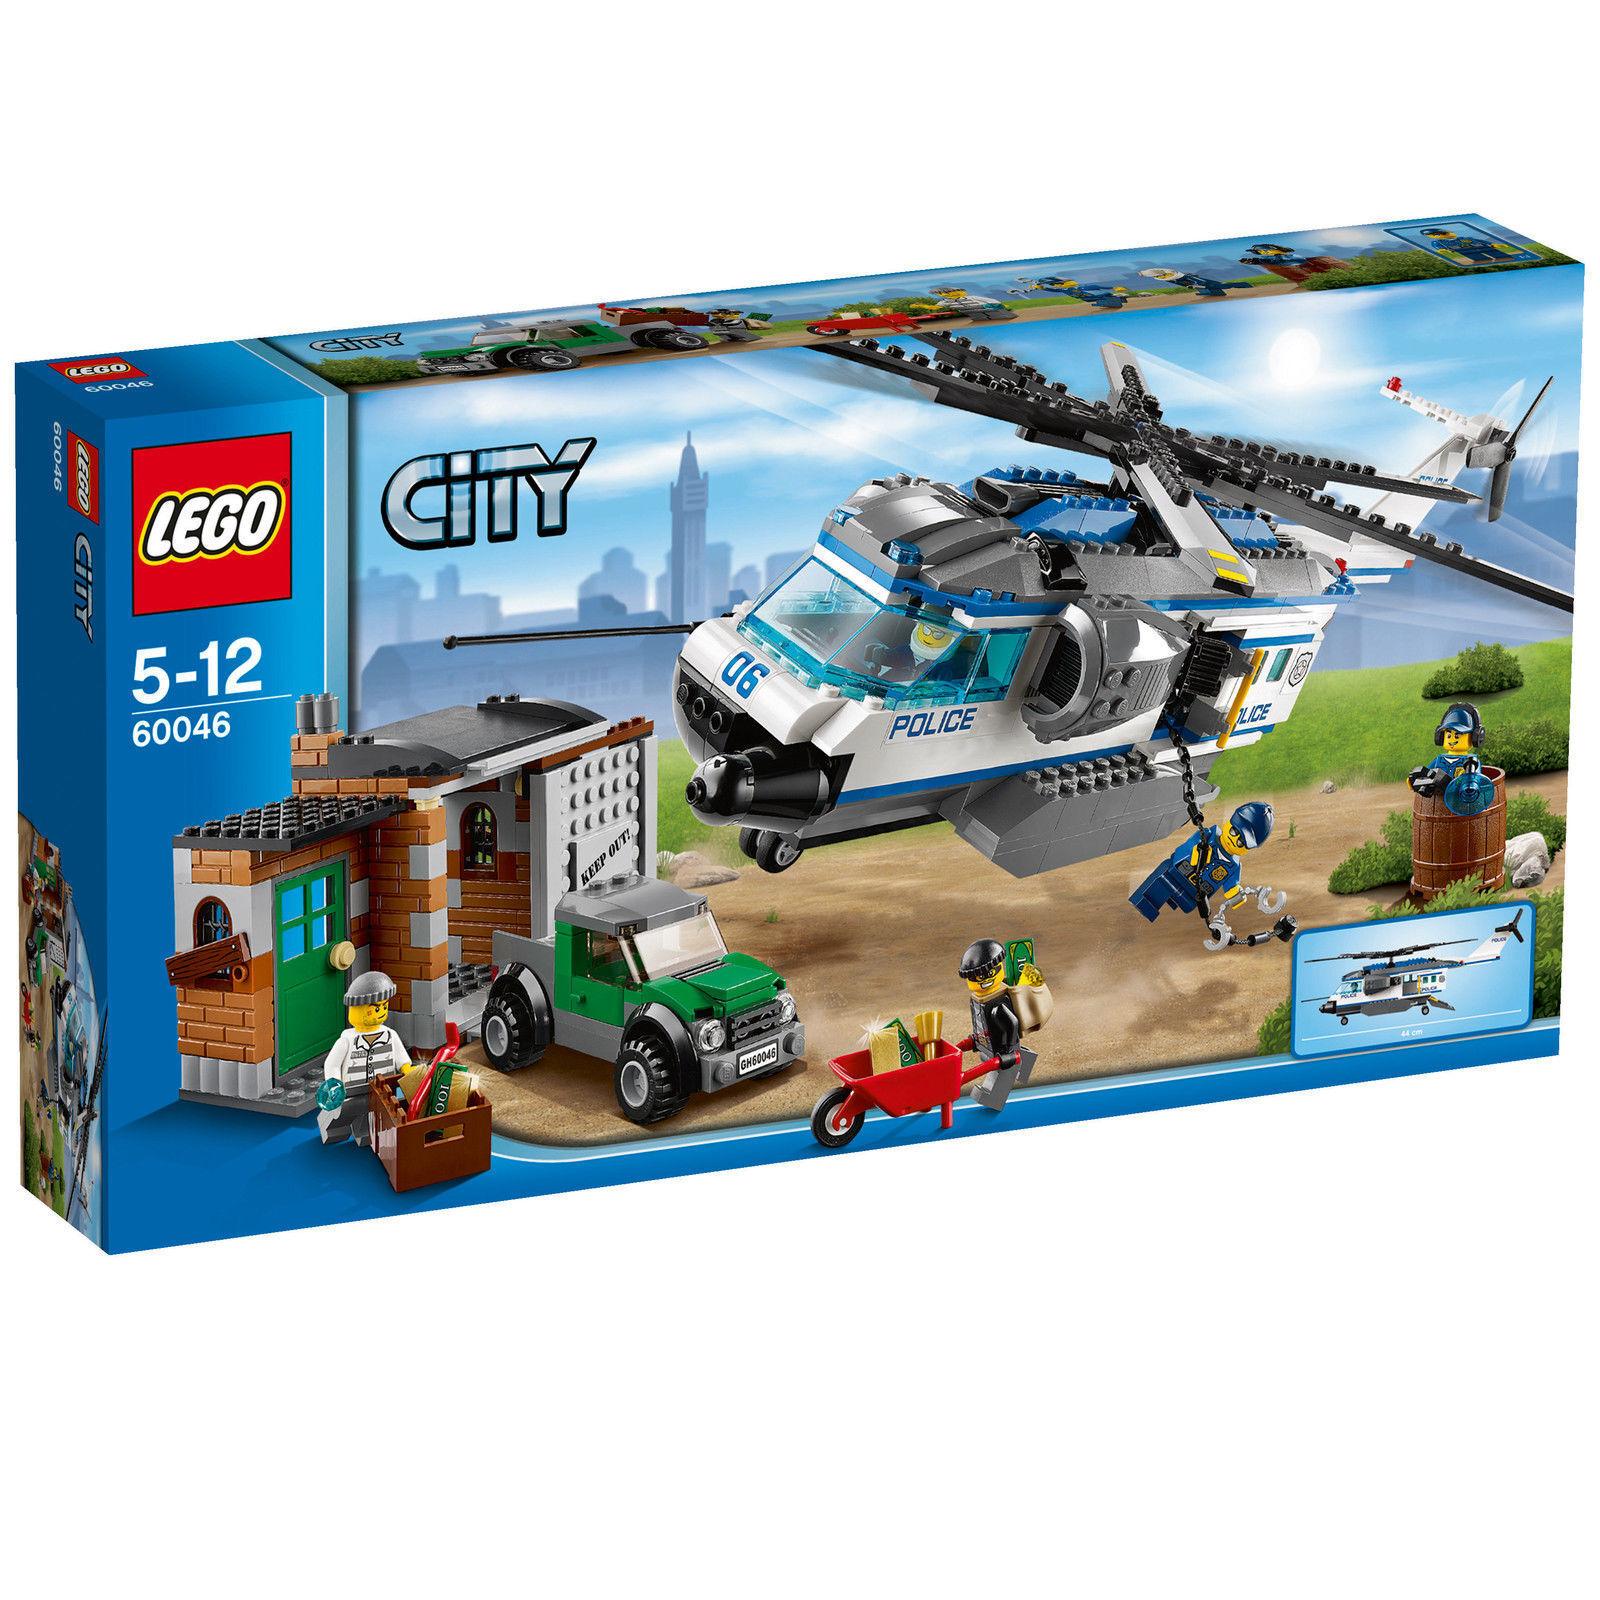 LEGO City Verfolgung mit dem Polizei-Hubschrauber (60046) Neu , OVP & versiegelt